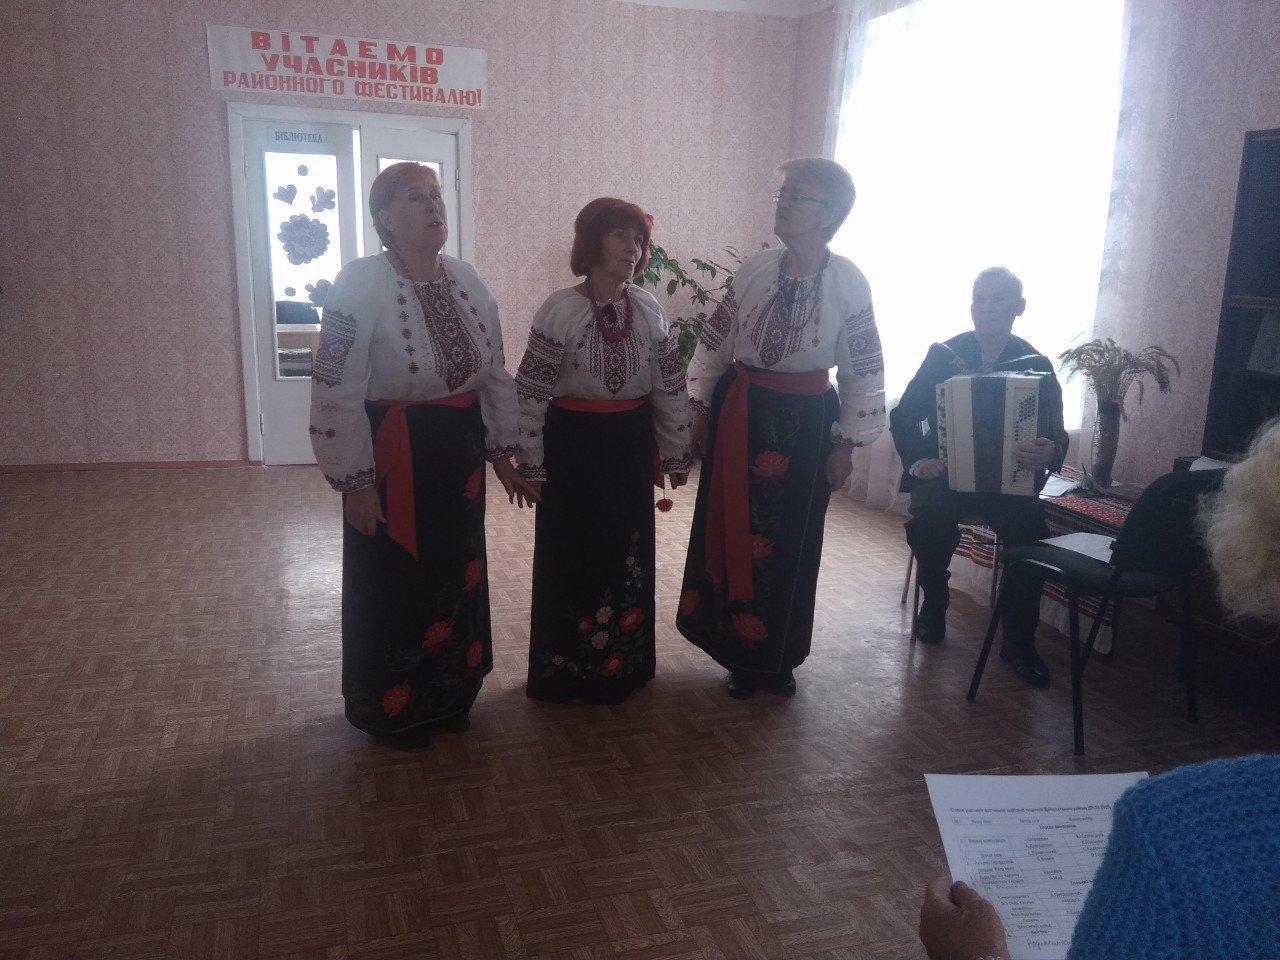 К 76-летию освобождения города: в Каменском прошел Фестиваль народного творчества, фото-5